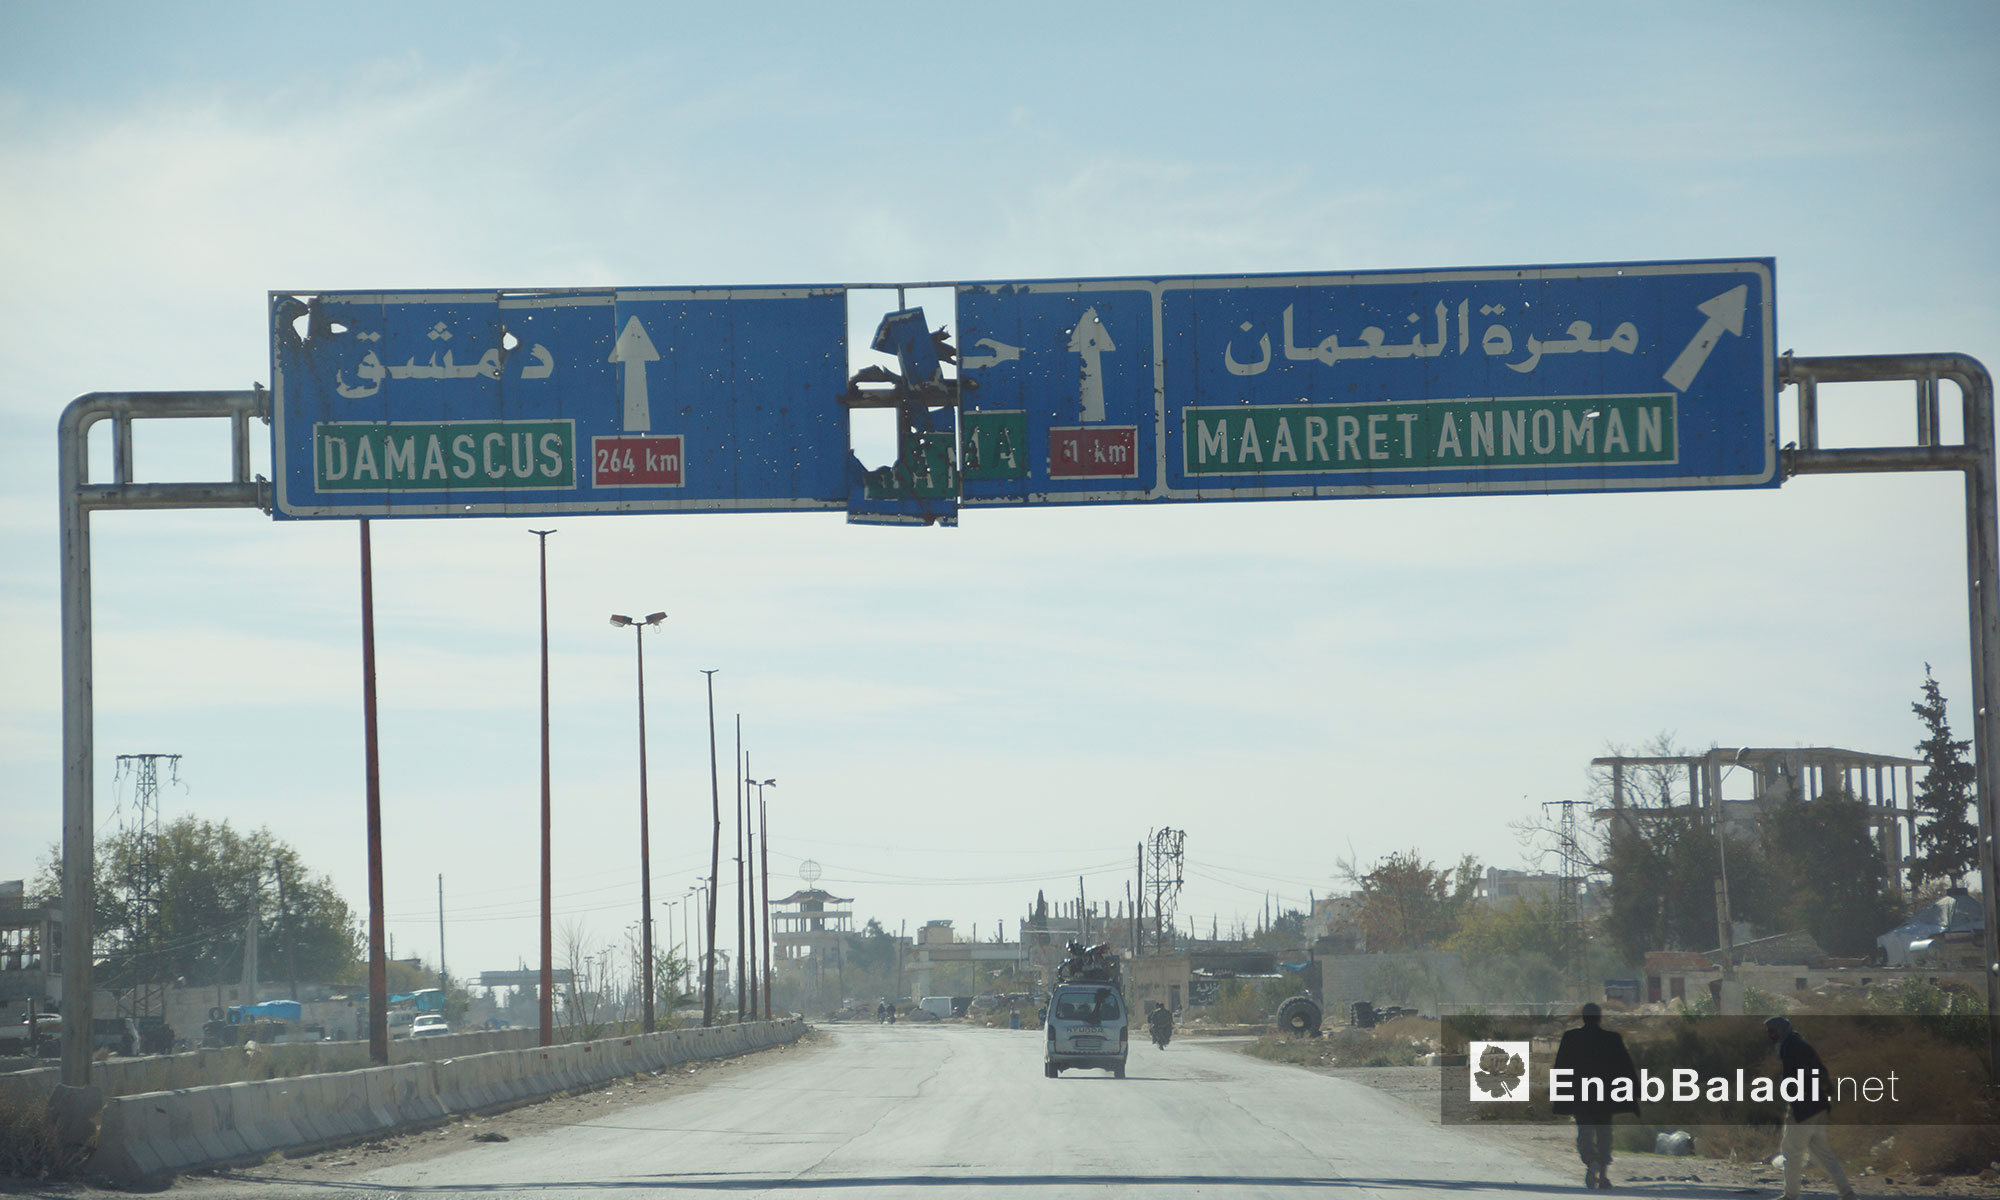 اتستراد (دمشق - حلب) الدولي - 24 تشرين الثاني 2016 (عنب بلدي)